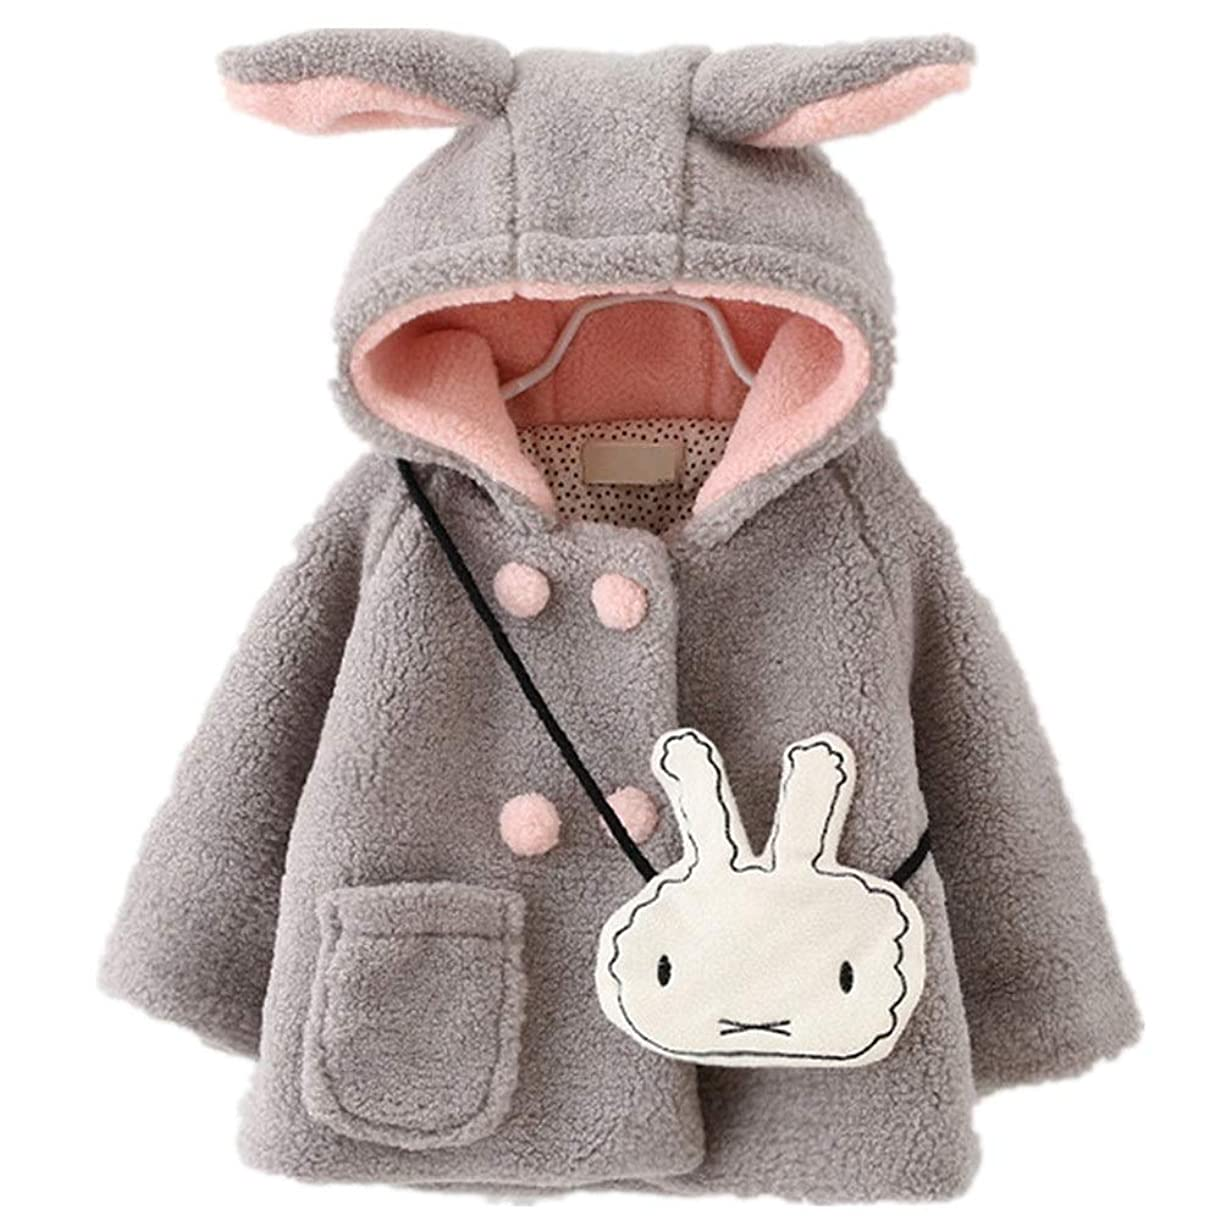 精神的にゴールデン動物園ベビー服 子供服 男の子 女の子 コート バッグ0-3年の女の子のコート綿の長袖のプリンセスコットンジャケット (Color : Gray, Size : 90cm9100)